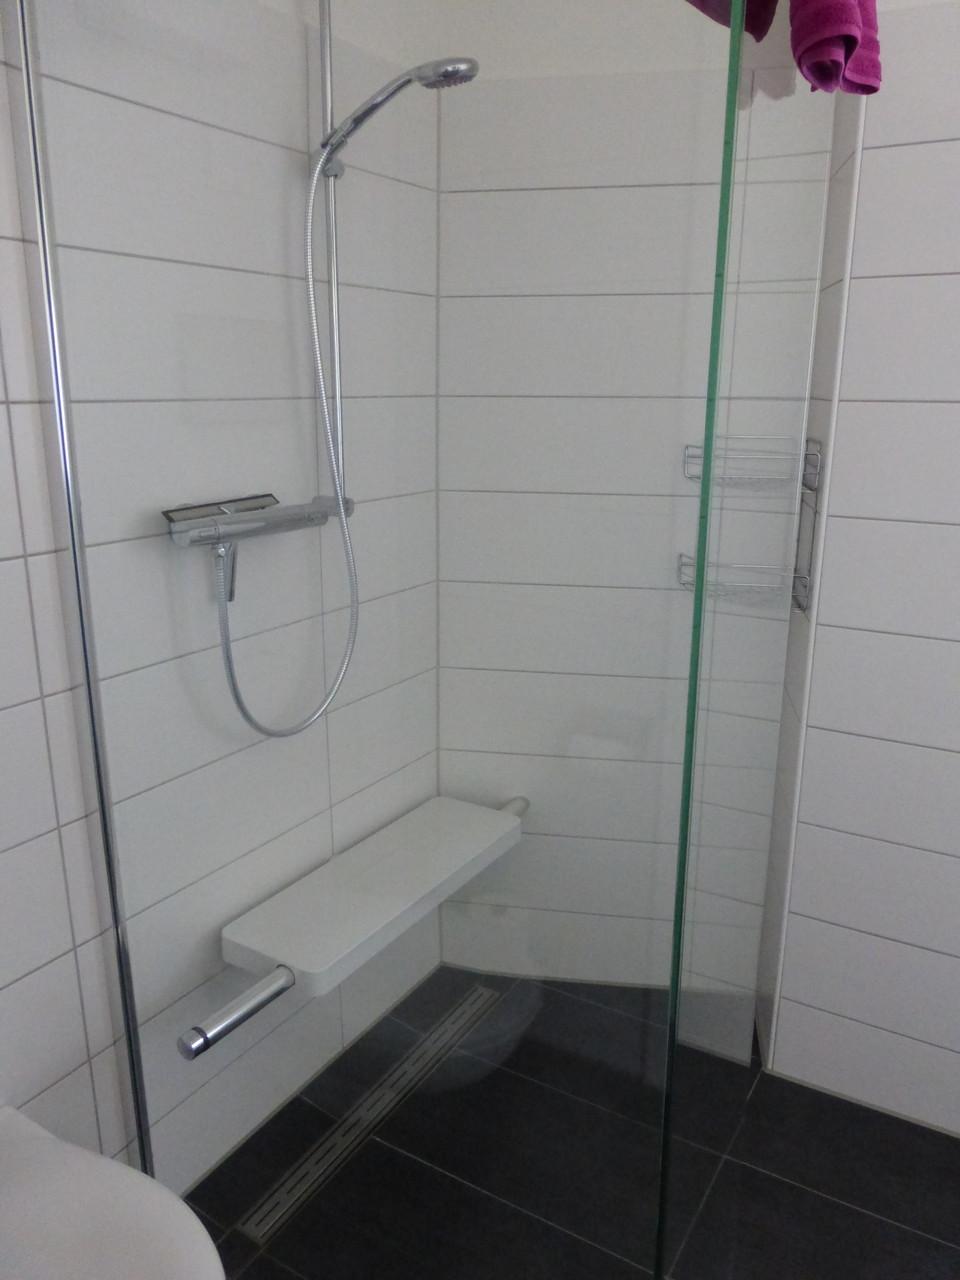 Bodengleiche Dusche mit festem Sitz